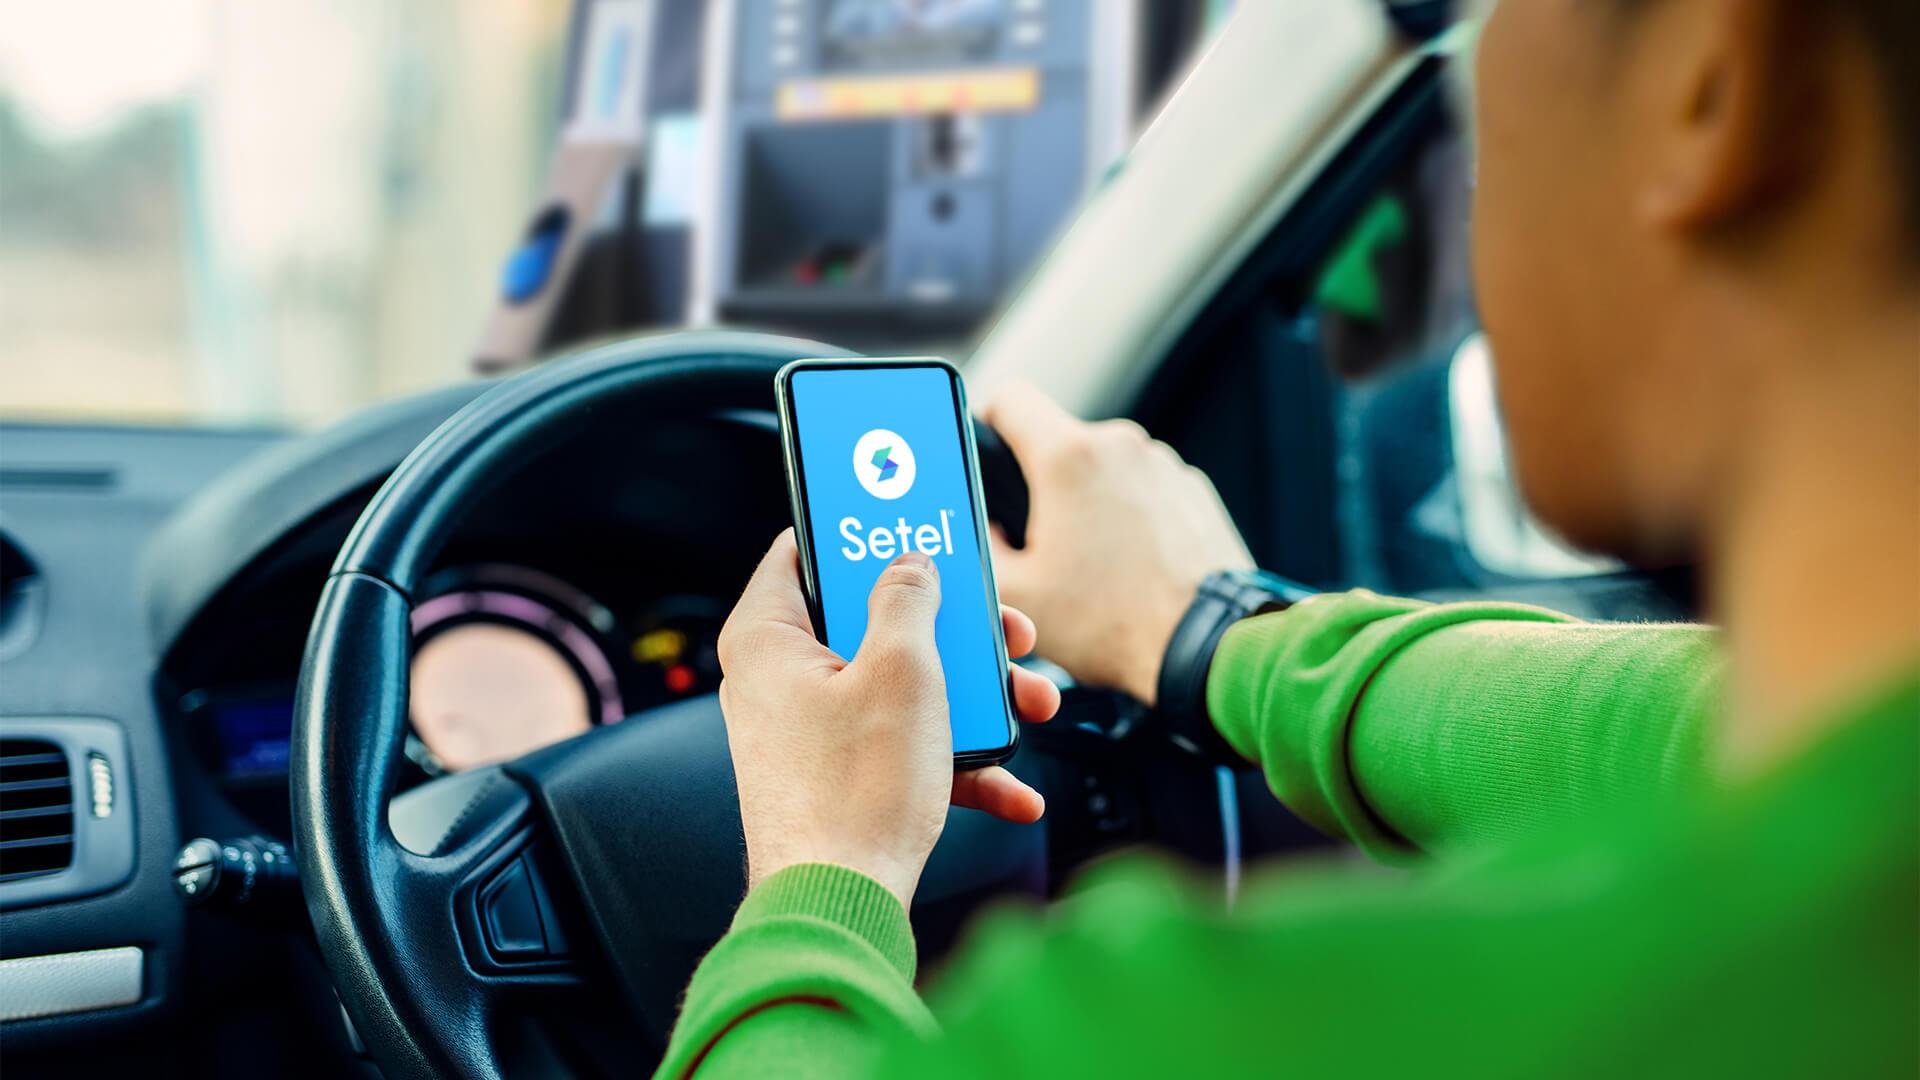 Man Phone In Car Grab